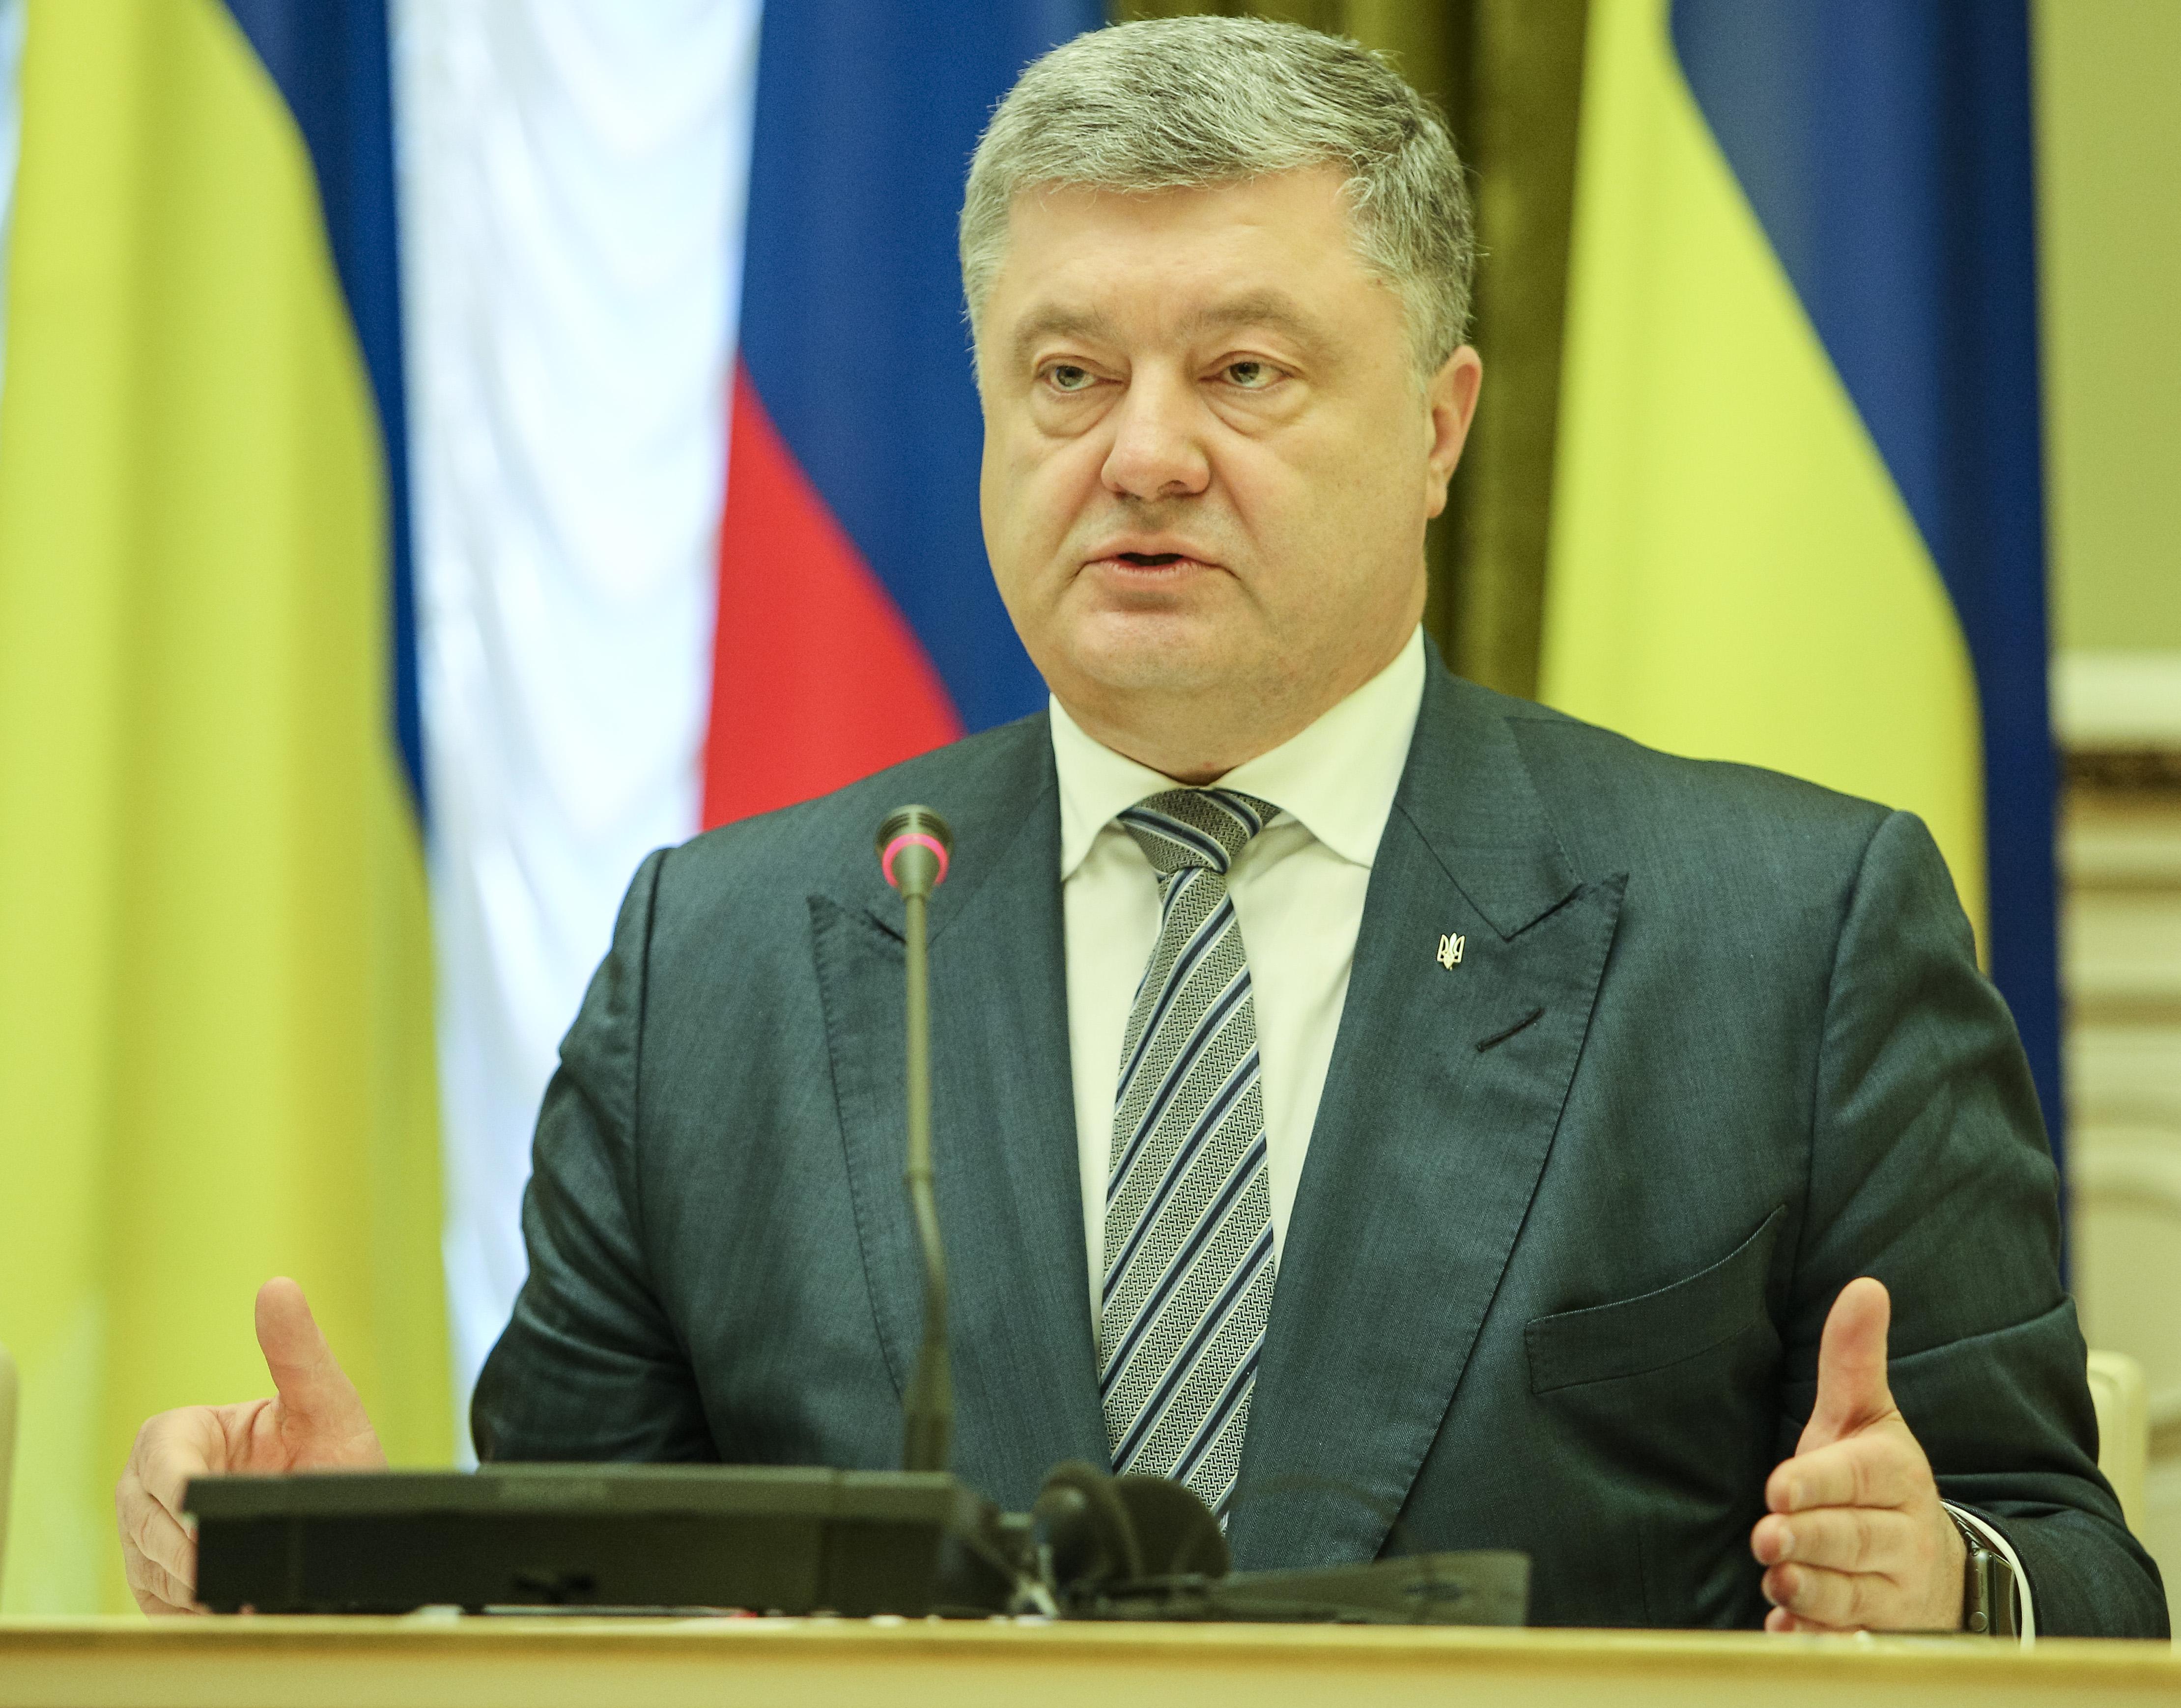 Az ukrán elnök bejelentette, hogy az országa kilép minden FÁK-megállapodásból, ami ellentétes az érdekeivel